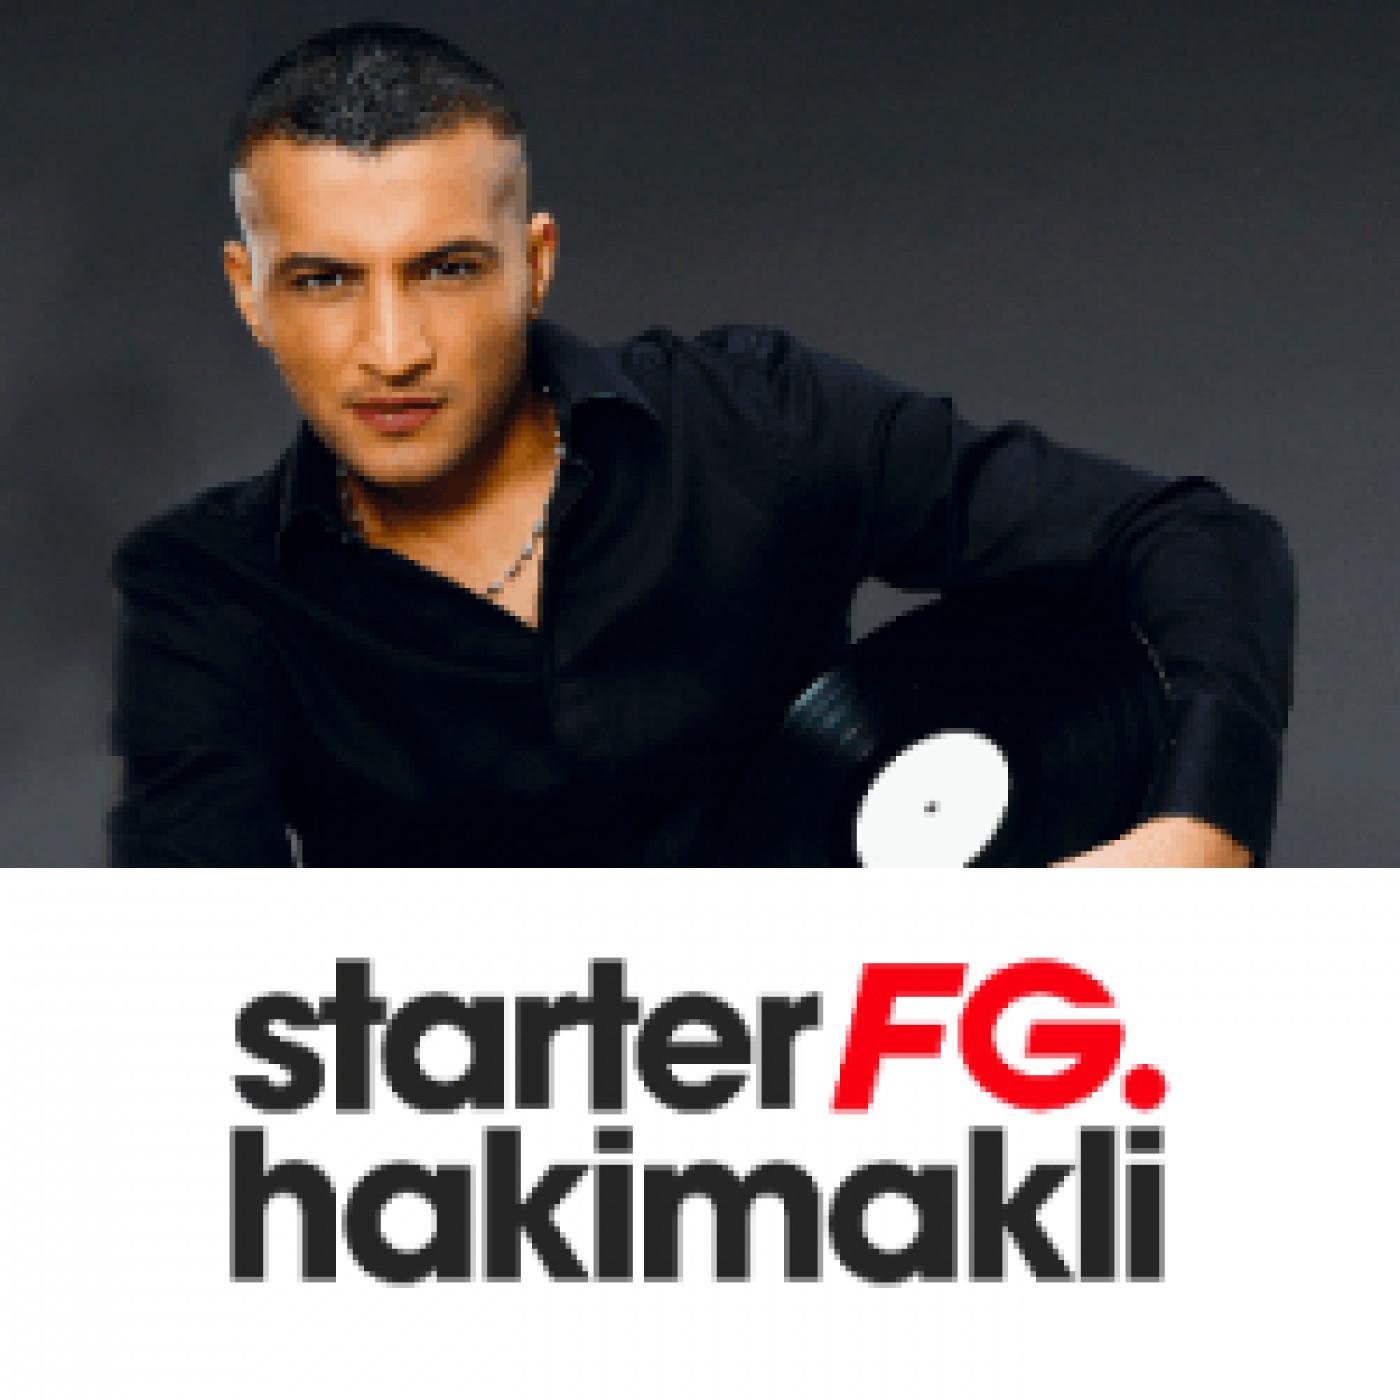 STARTER FG BY HAKIMAKLI MARDI 13 OCTOBRE 2020